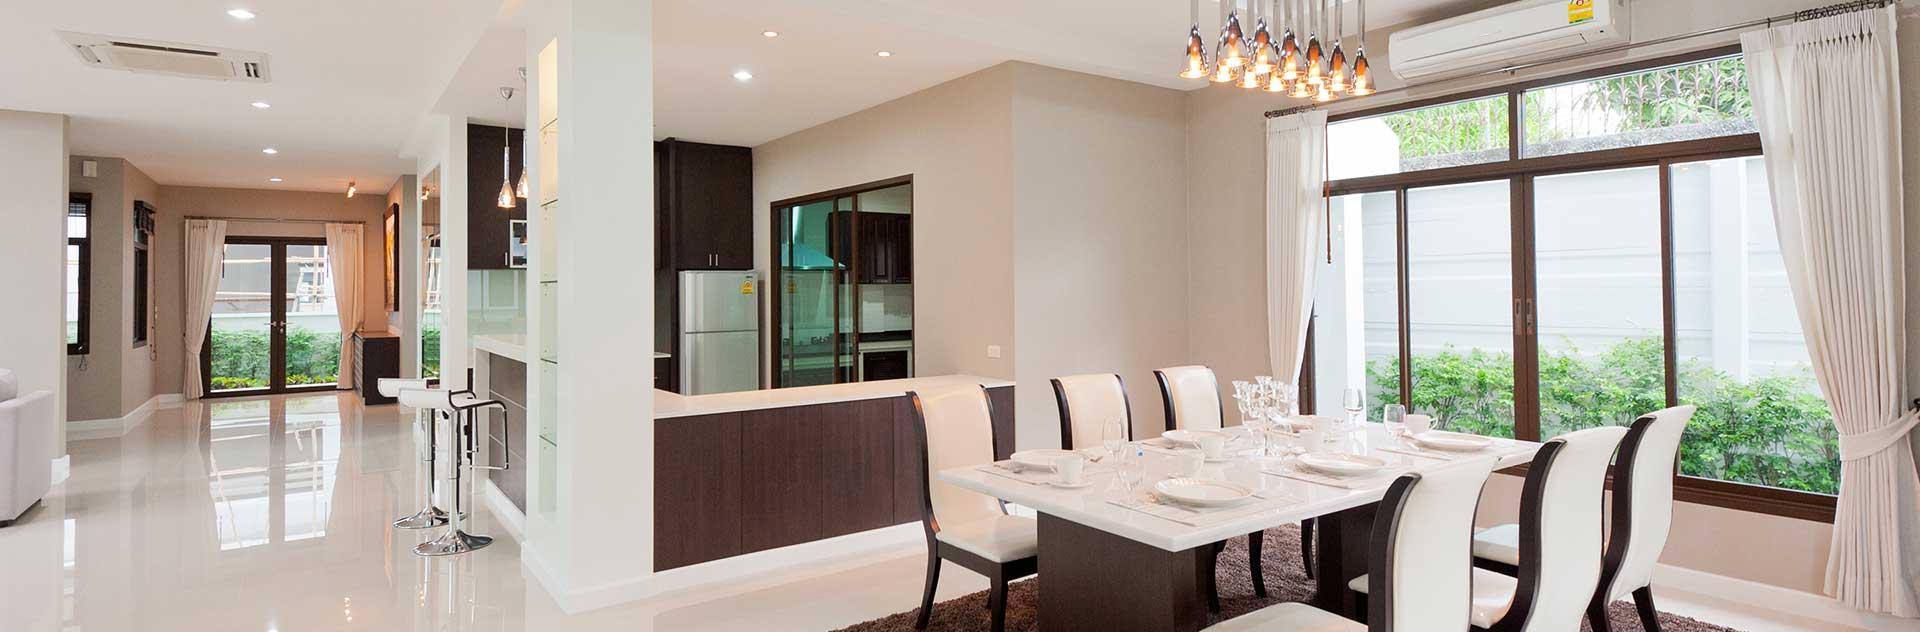 Inmobiliaria acuario en sevilla pisos venta en sevilla for Alquiler de casas en brenes sevilla